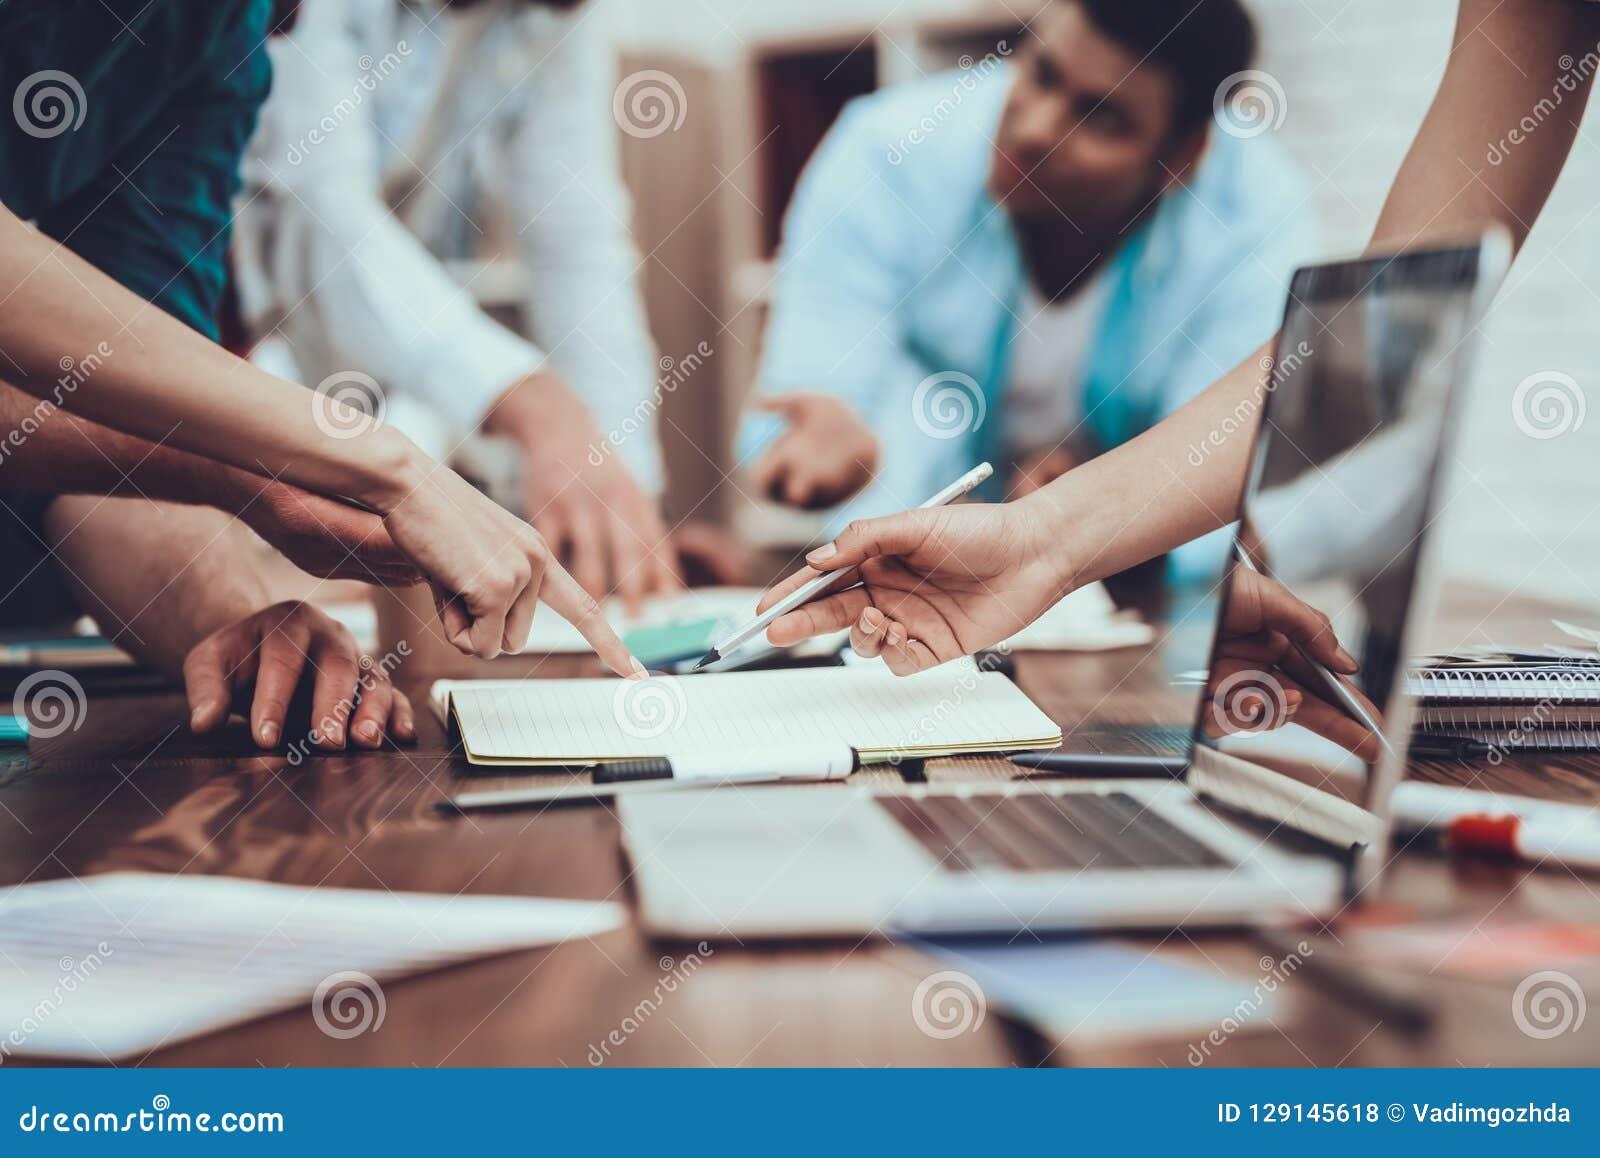 Progetto teamwork calcolatori Computer portatile Progettazione